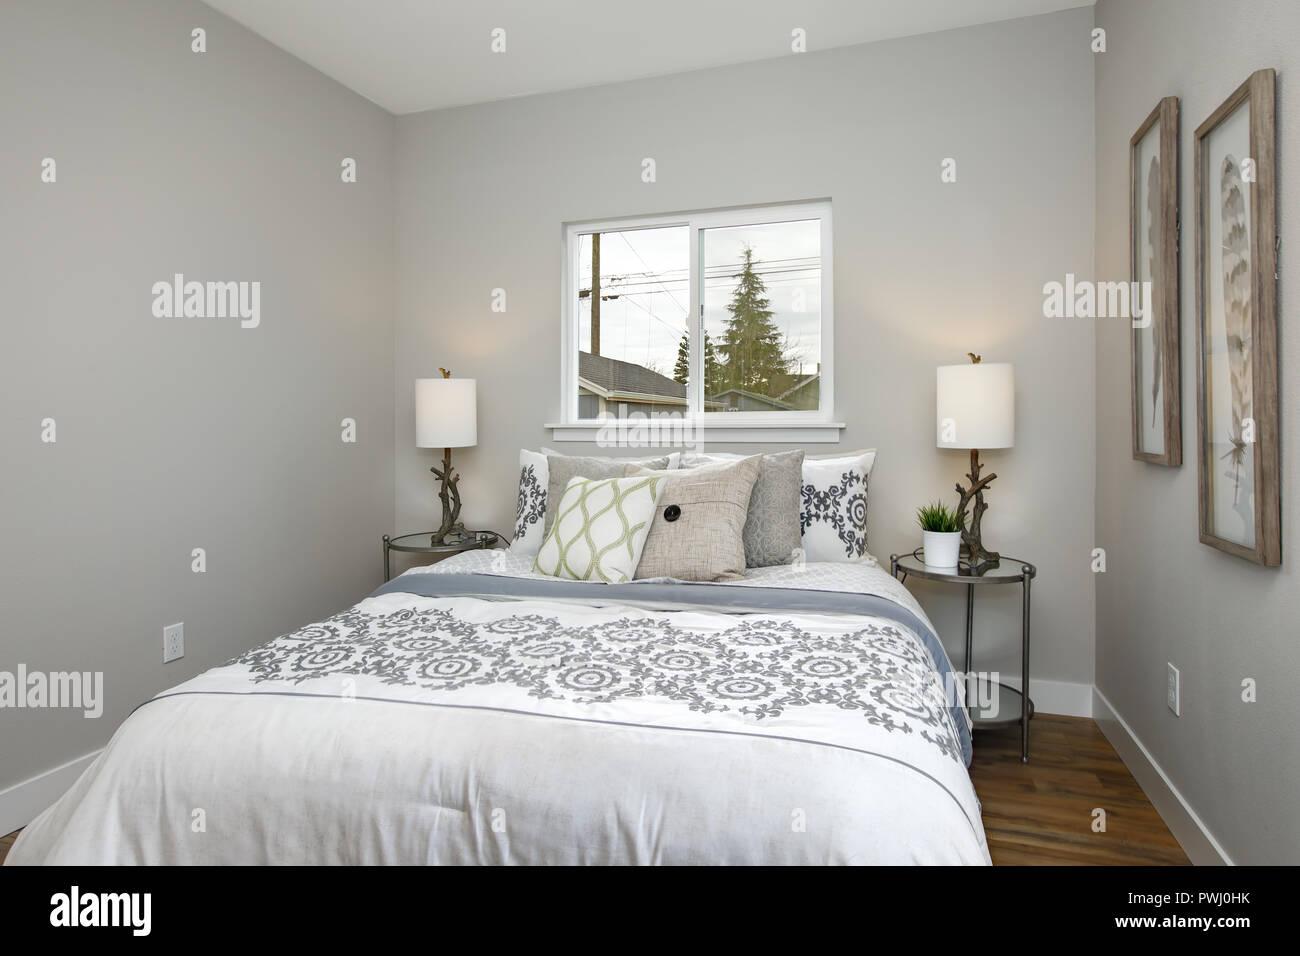 Schöne Graue und Weiße Schlafzimmer mit stickmuster Betten ...